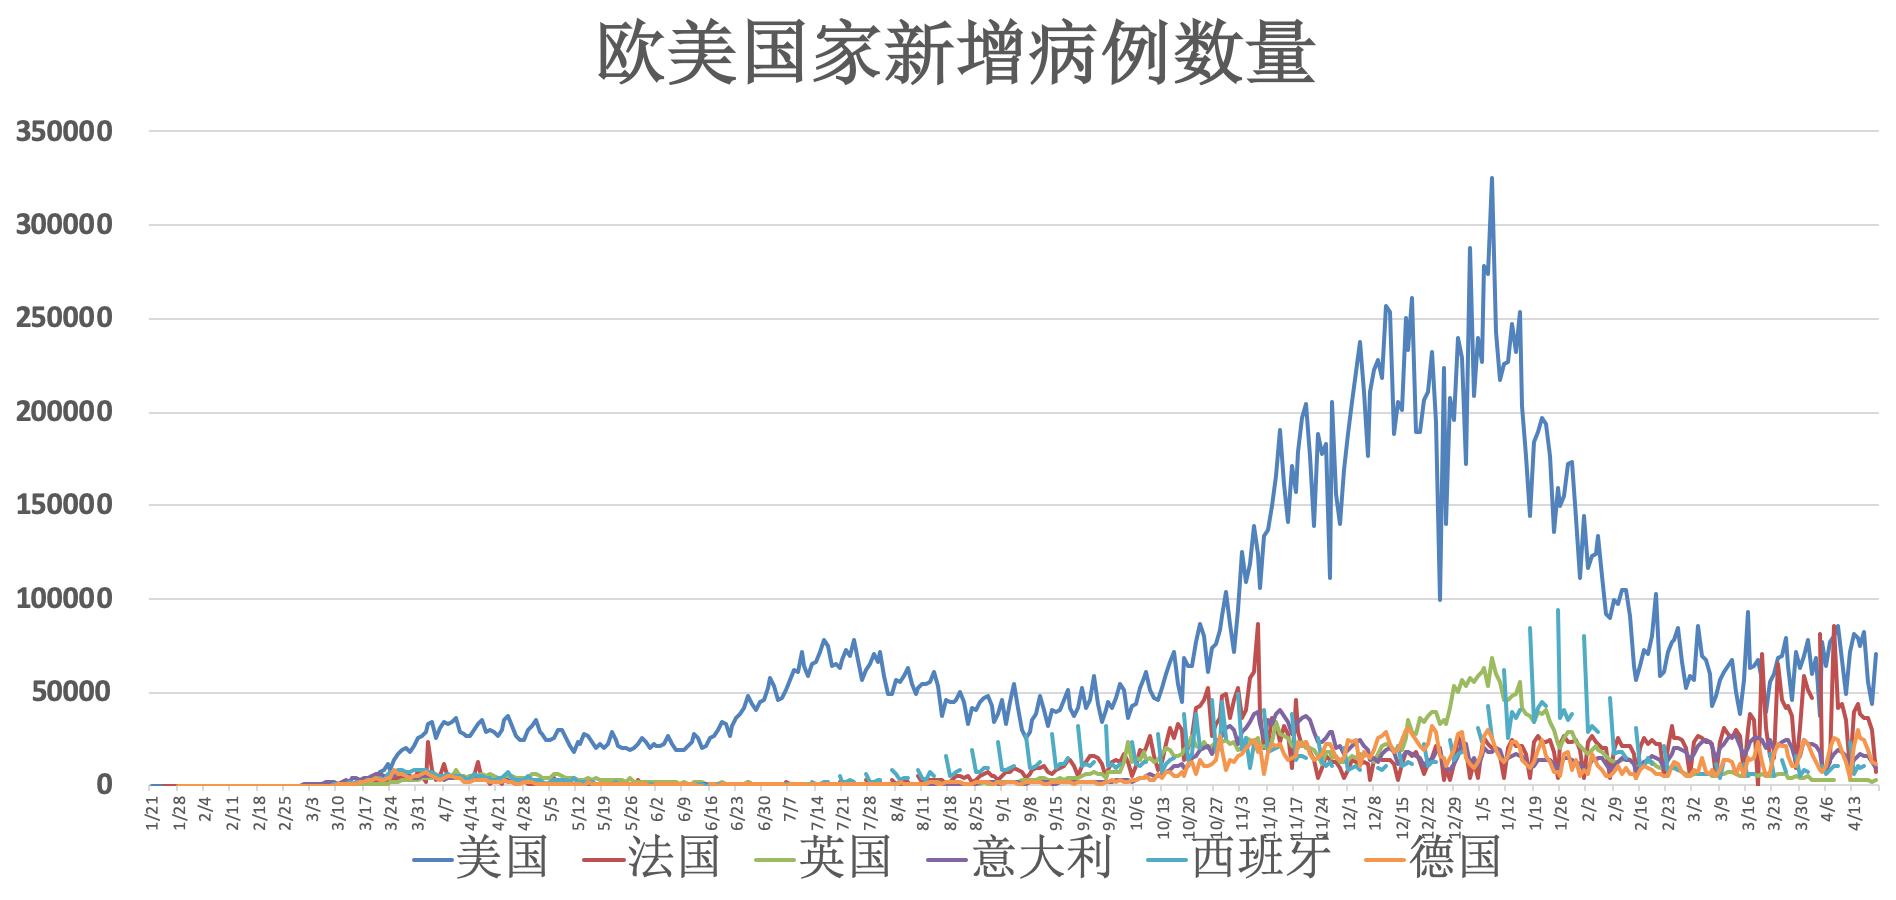 全球疫情动态【4月20日】:新一批中国新冠疫苗活性成分运抵巴西 WHO呼吁mRNA疫苗厂商贡献技术